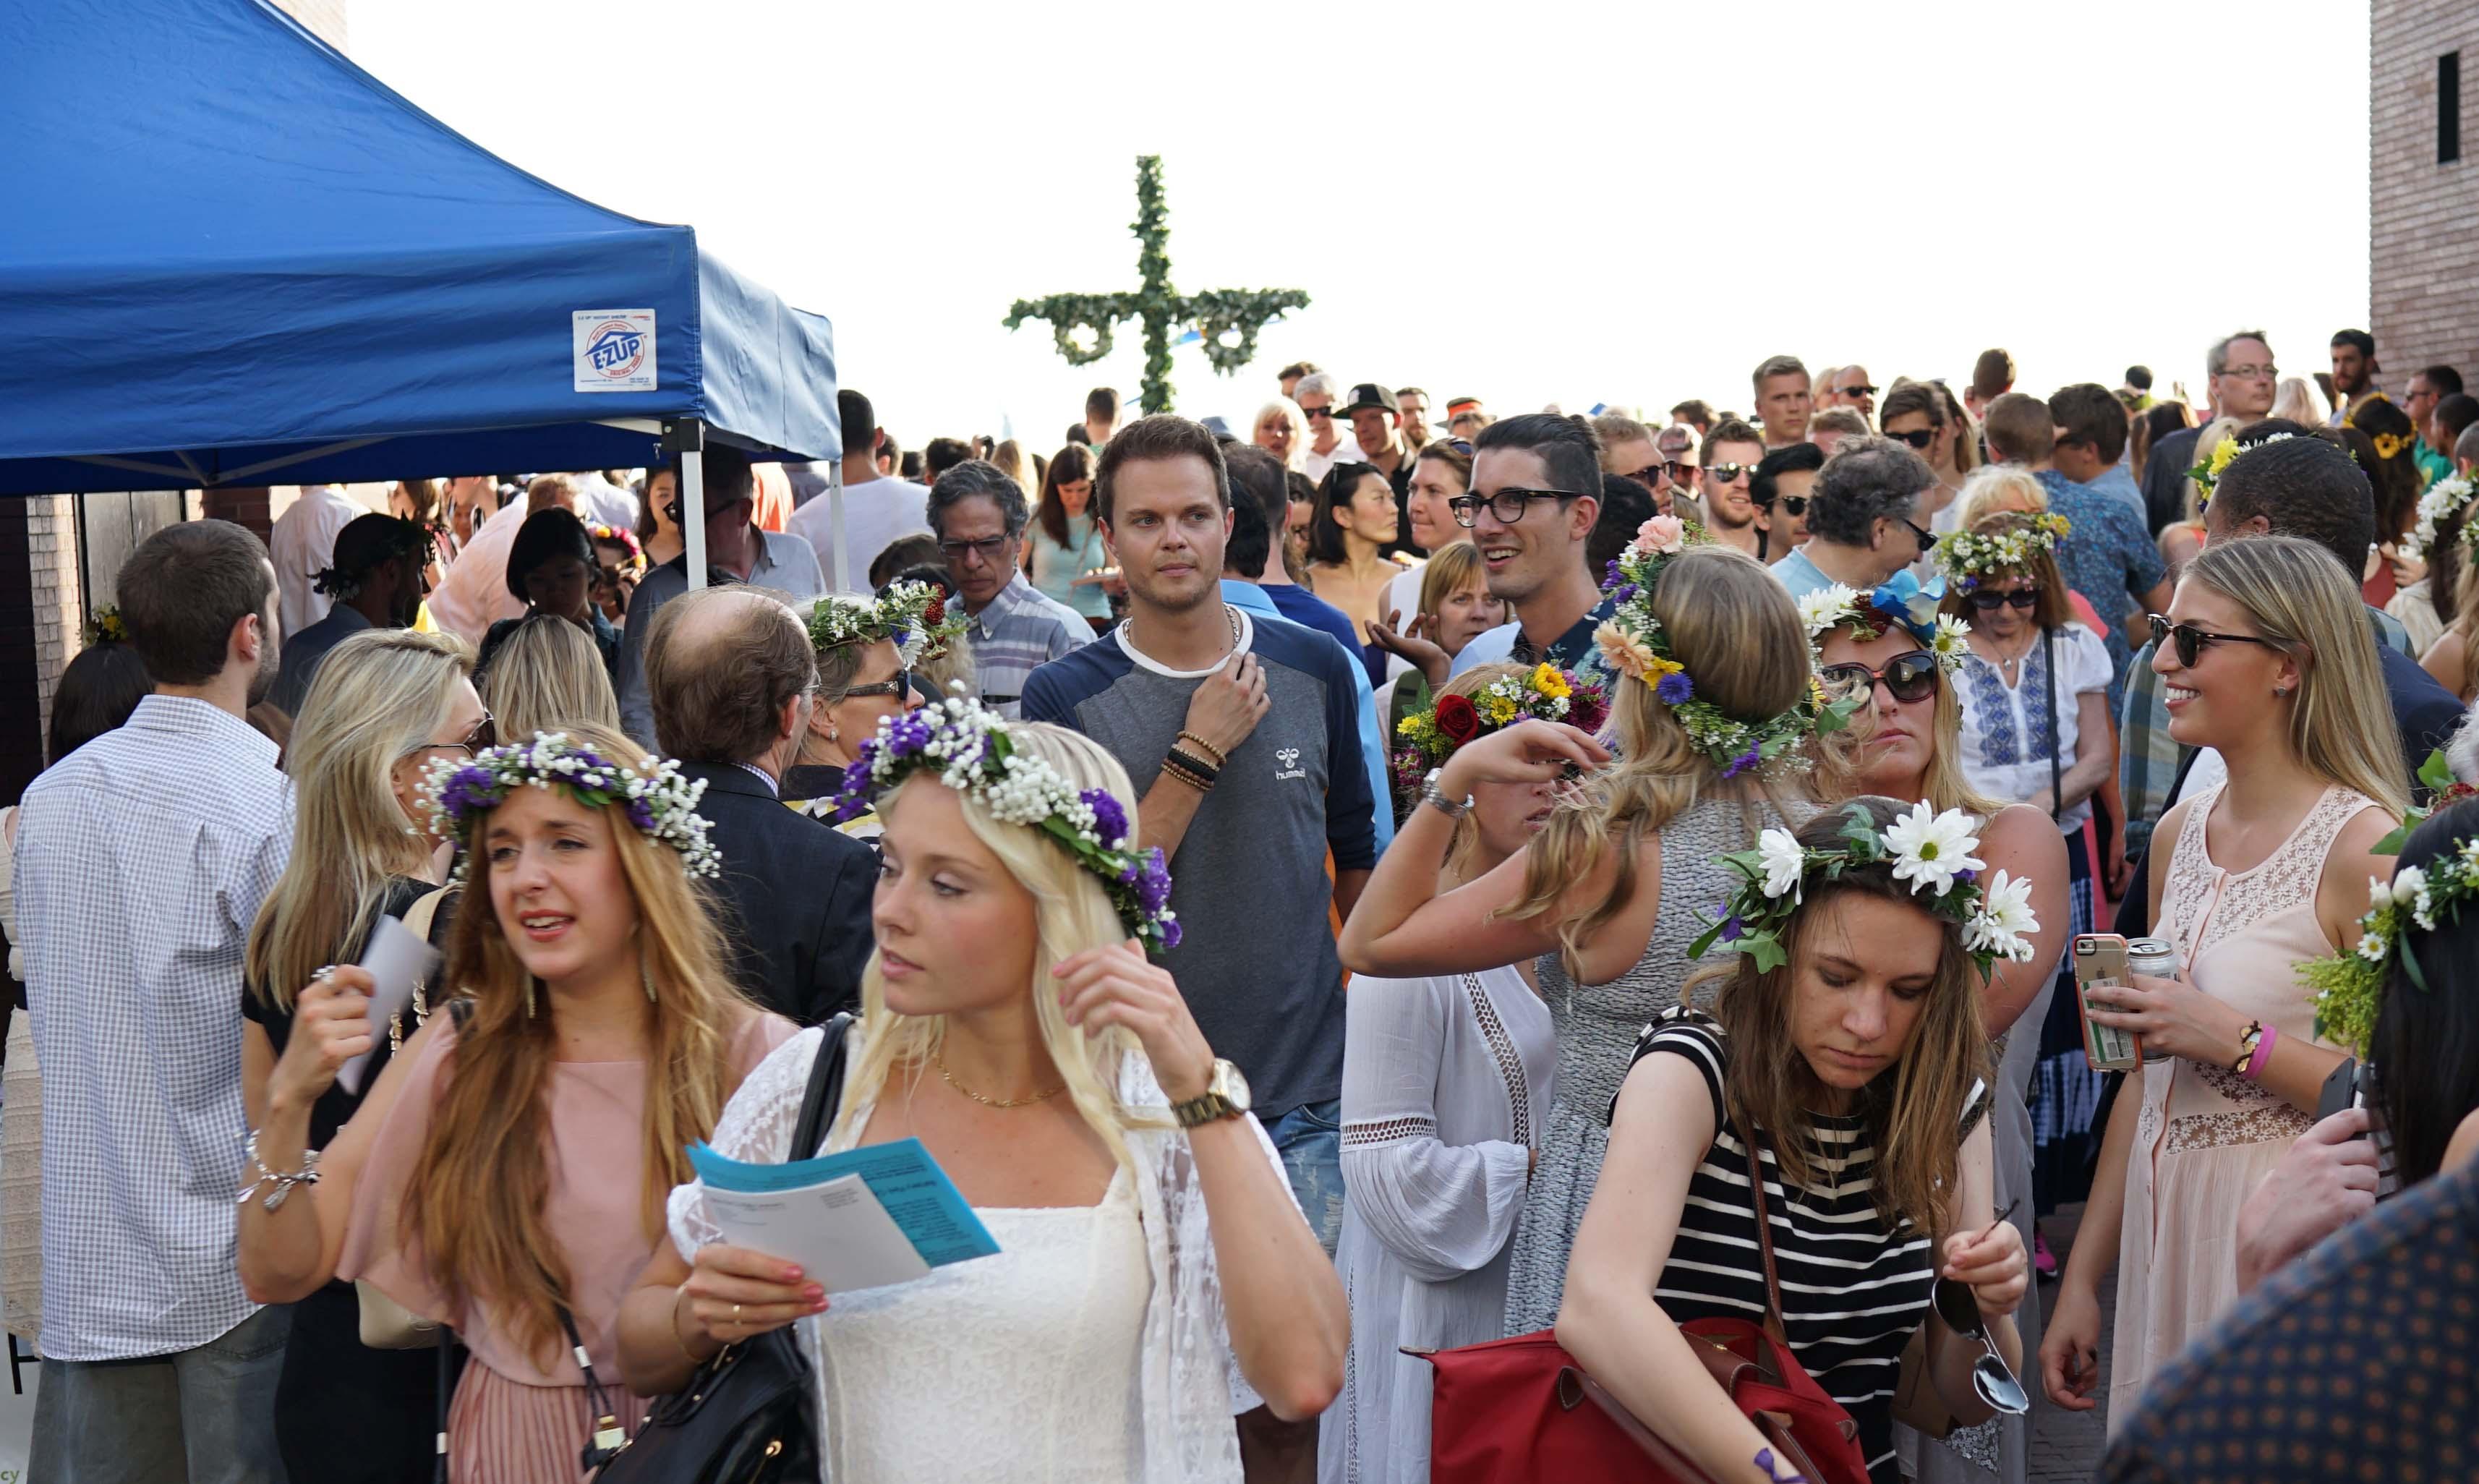 Swedish festival blond girl 1